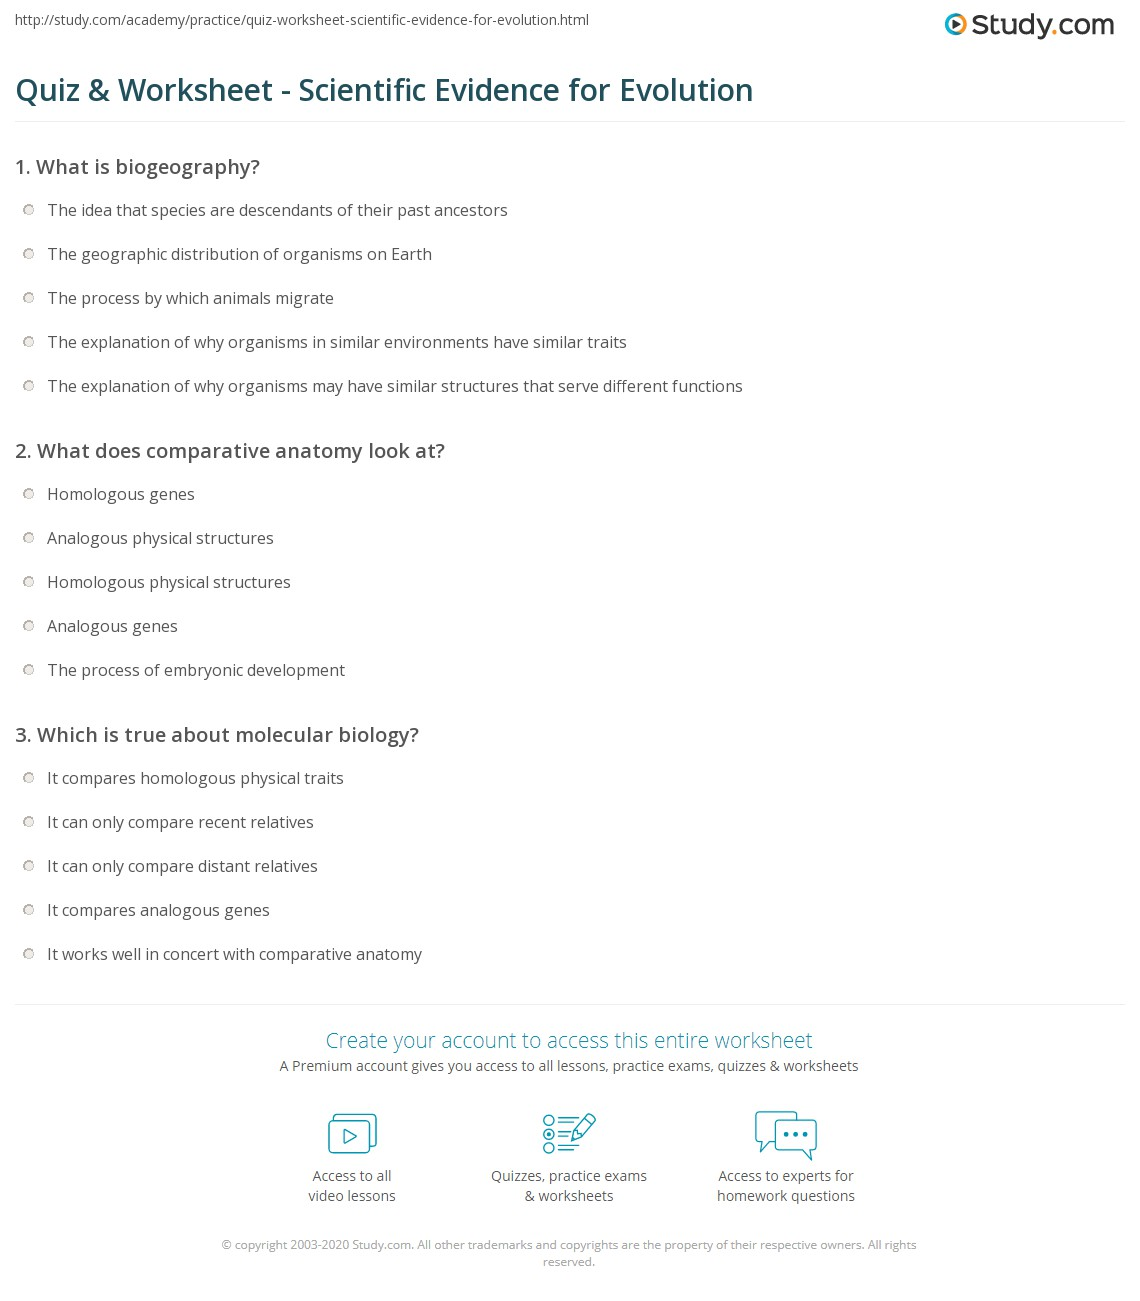 Quiz Worksheet Scientific Evidence For Evolution